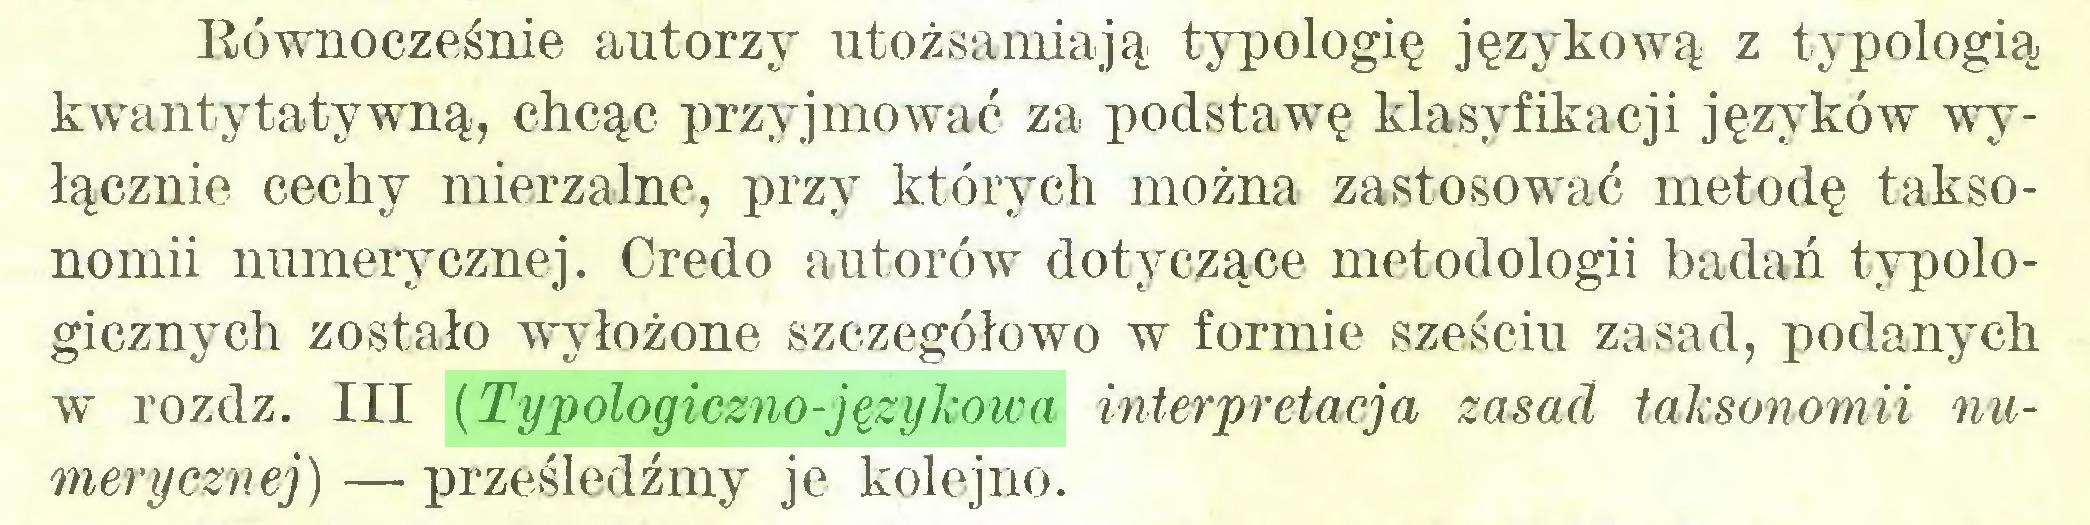 (...) Bównocześnie autorzy utożsamiają typologię językową z typologią kwanty taty wną, chcąc przyjmować za podstawę klasyfikacji języków wyłącznie cechy mierzalne, przy których można zastosować metodę taksonomii numerycznej. Credo autorów dotyczące metodologii badań typologicznych zostało wyłożone szczegółowo w formie sześciu zasad, podanych w rozdz. III {Typologiczno-językowa interpretacja zasad taksonomii numerycznej)— prześledźmy je kolejno...